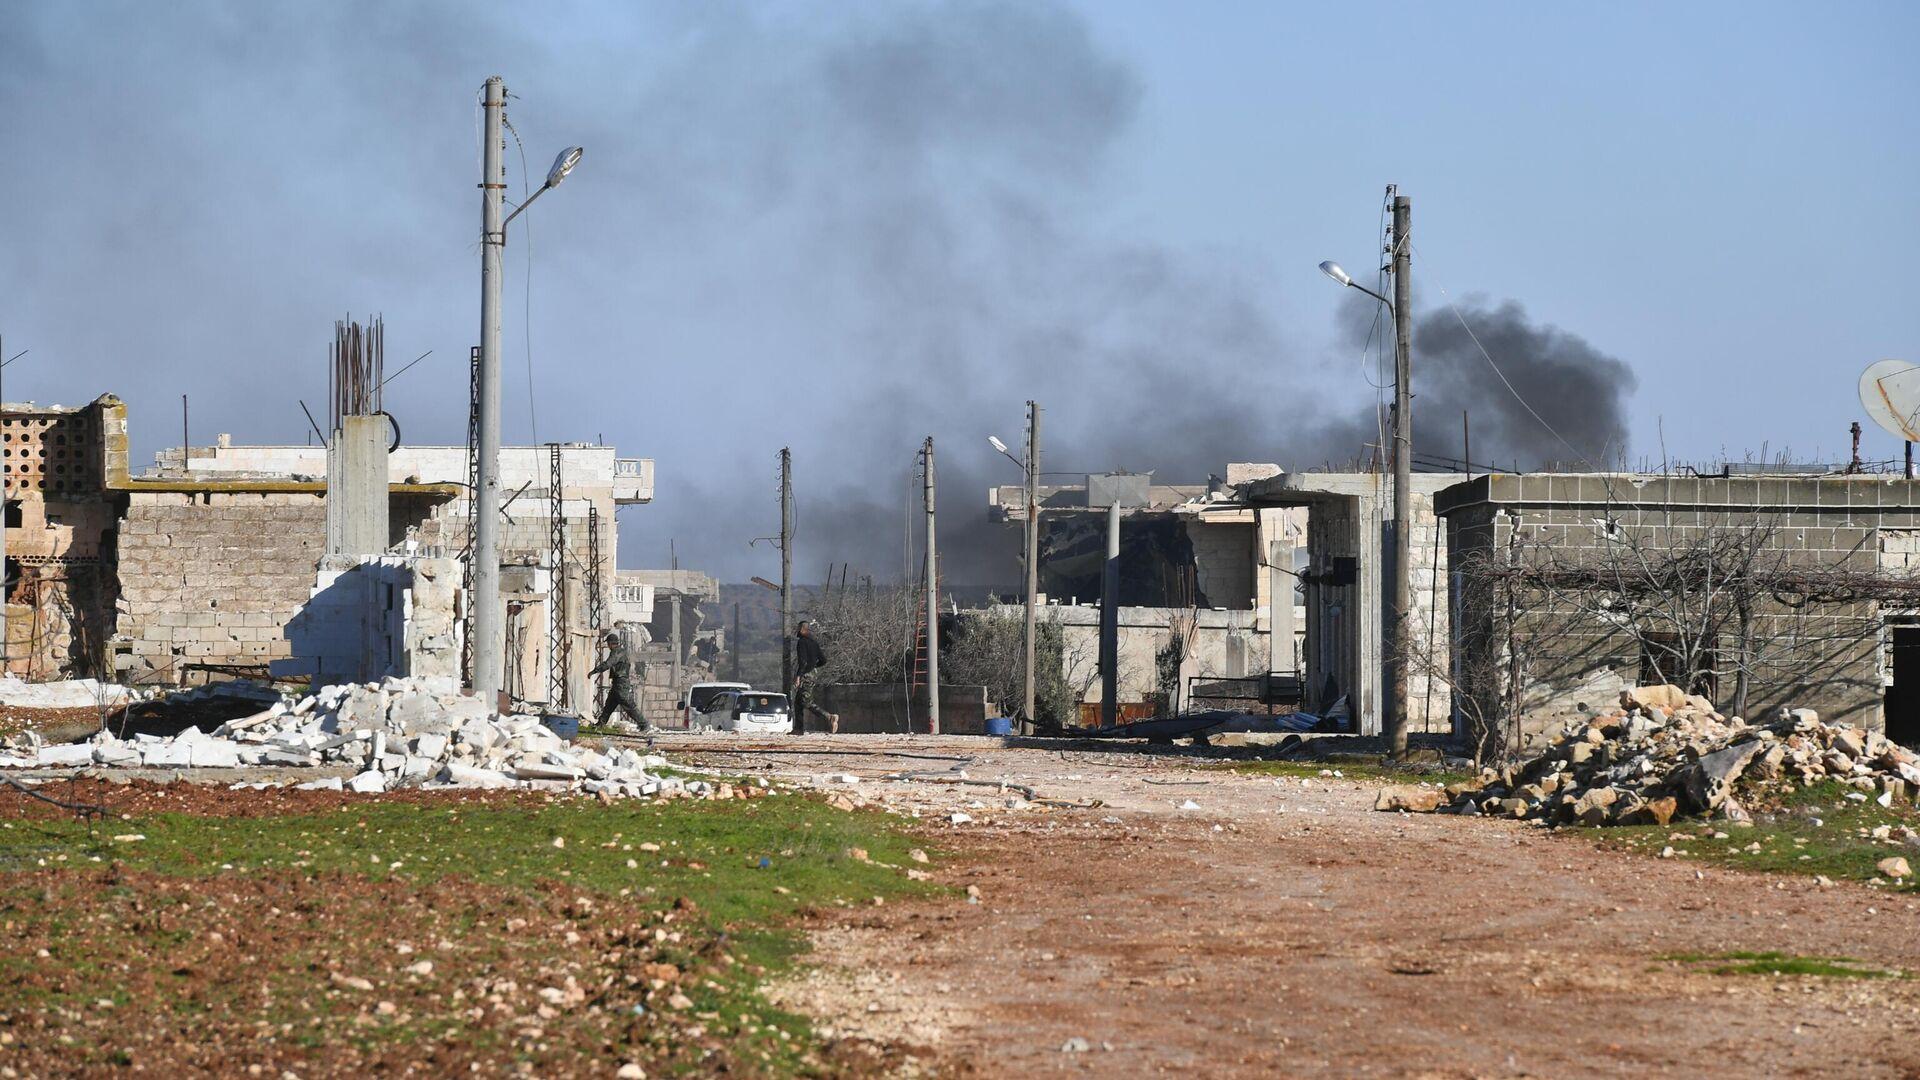 Разрушенные дома в освобожденном от боевиков населенном пункте ад-Дейр аш-Шаркий в Сирии на юго-востоке провинции Идлиб - РИА Новости, 1920, 12.02.2021